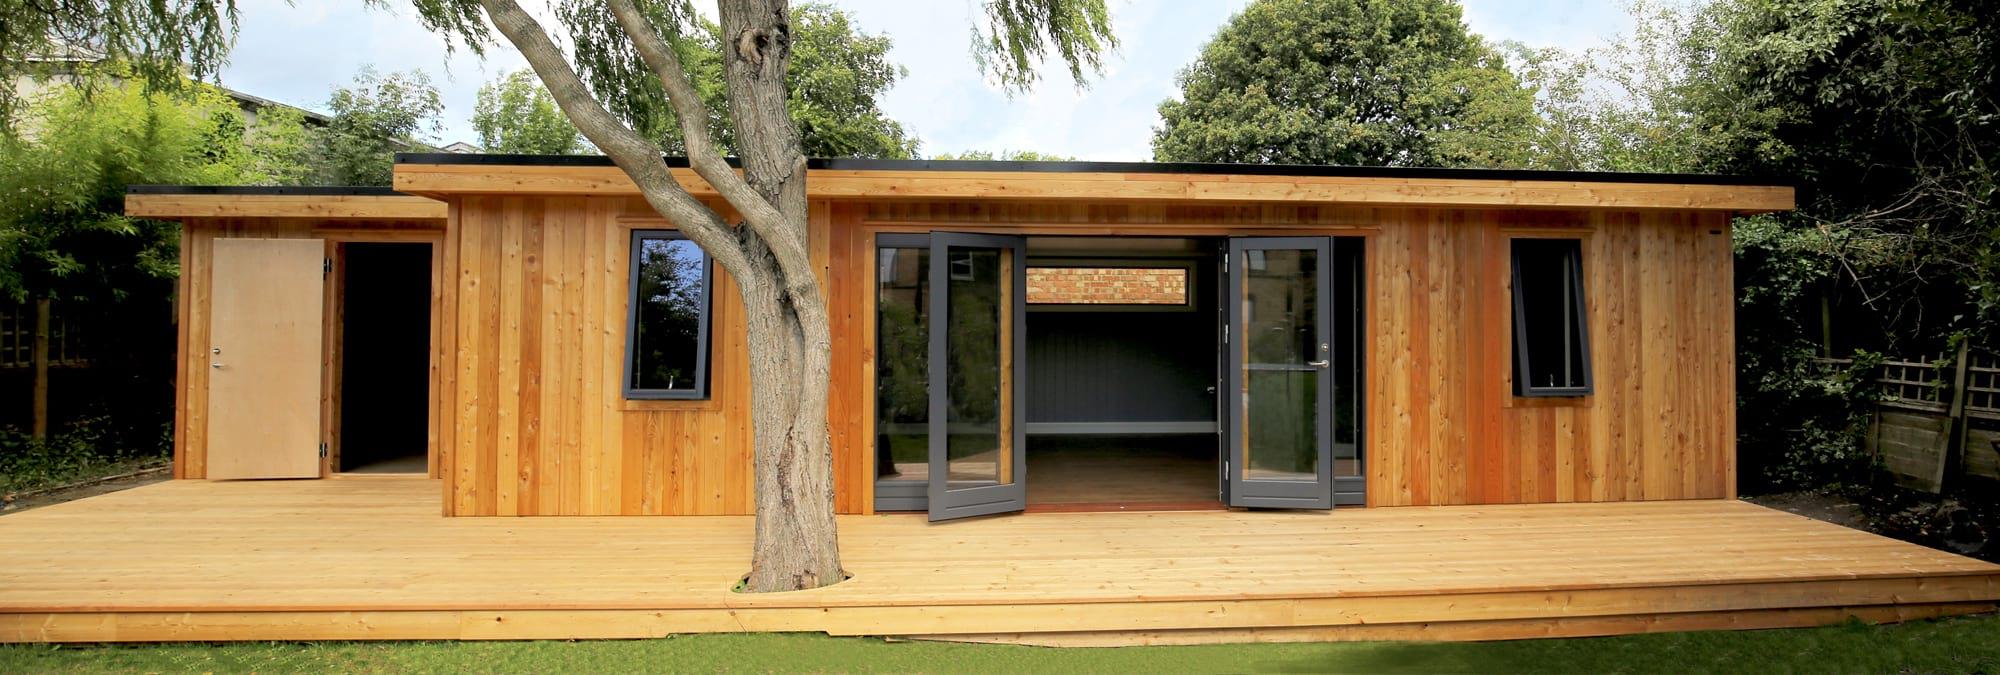 & Nordic Windows \u0026 Doors - Nordic Wood